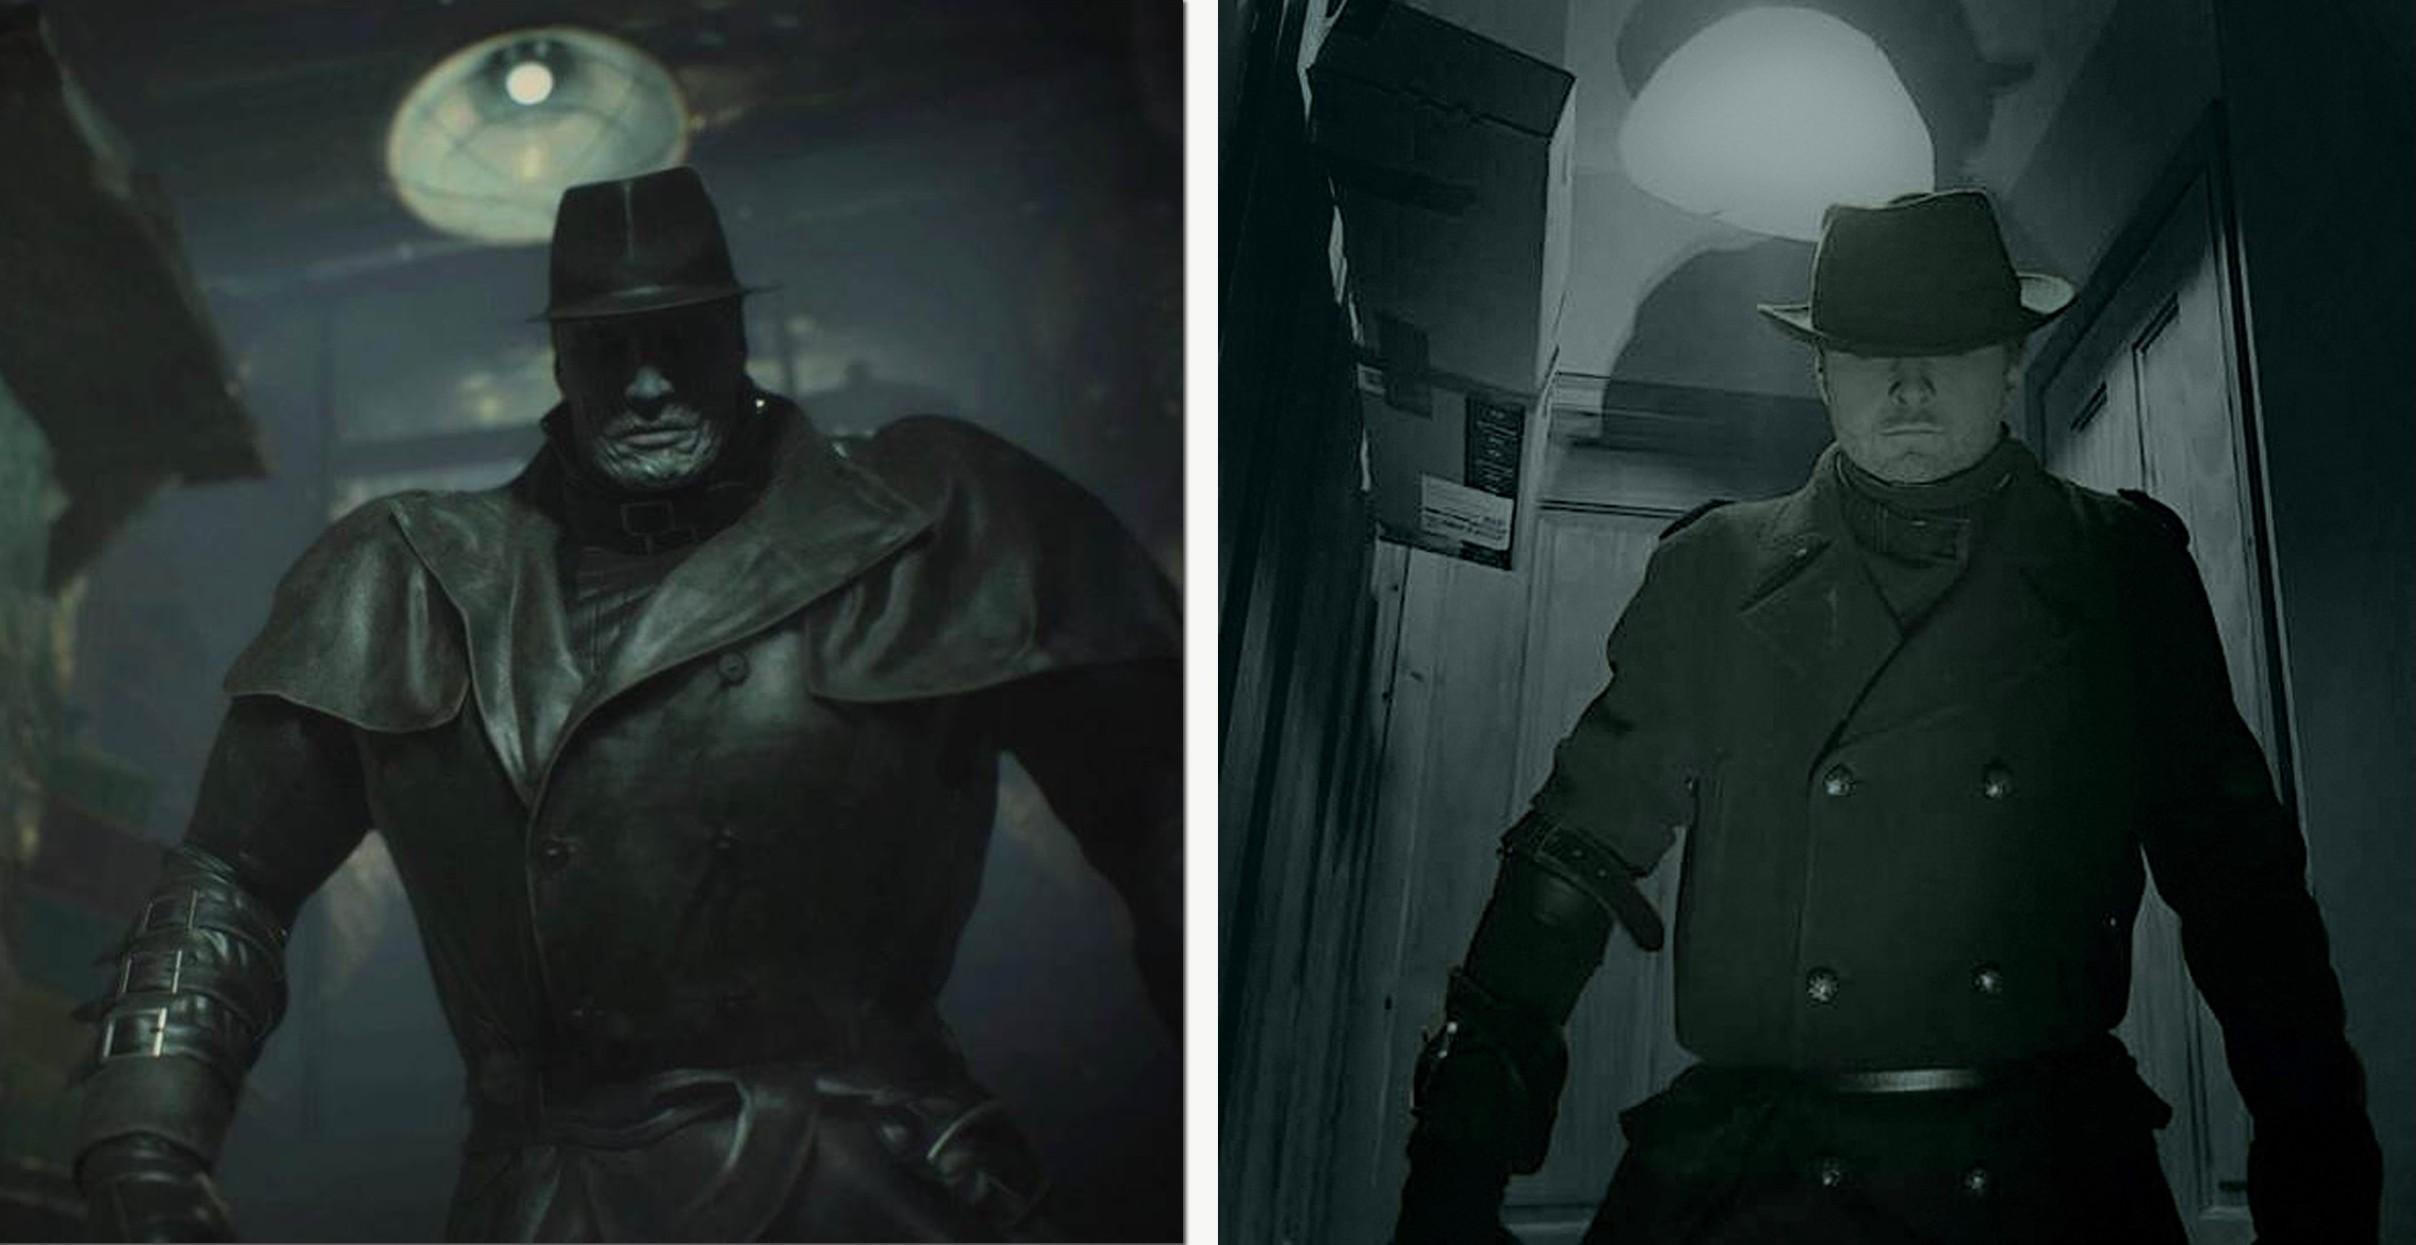 Mr X Resident Evil 2 / Mr R Resident Evil 2